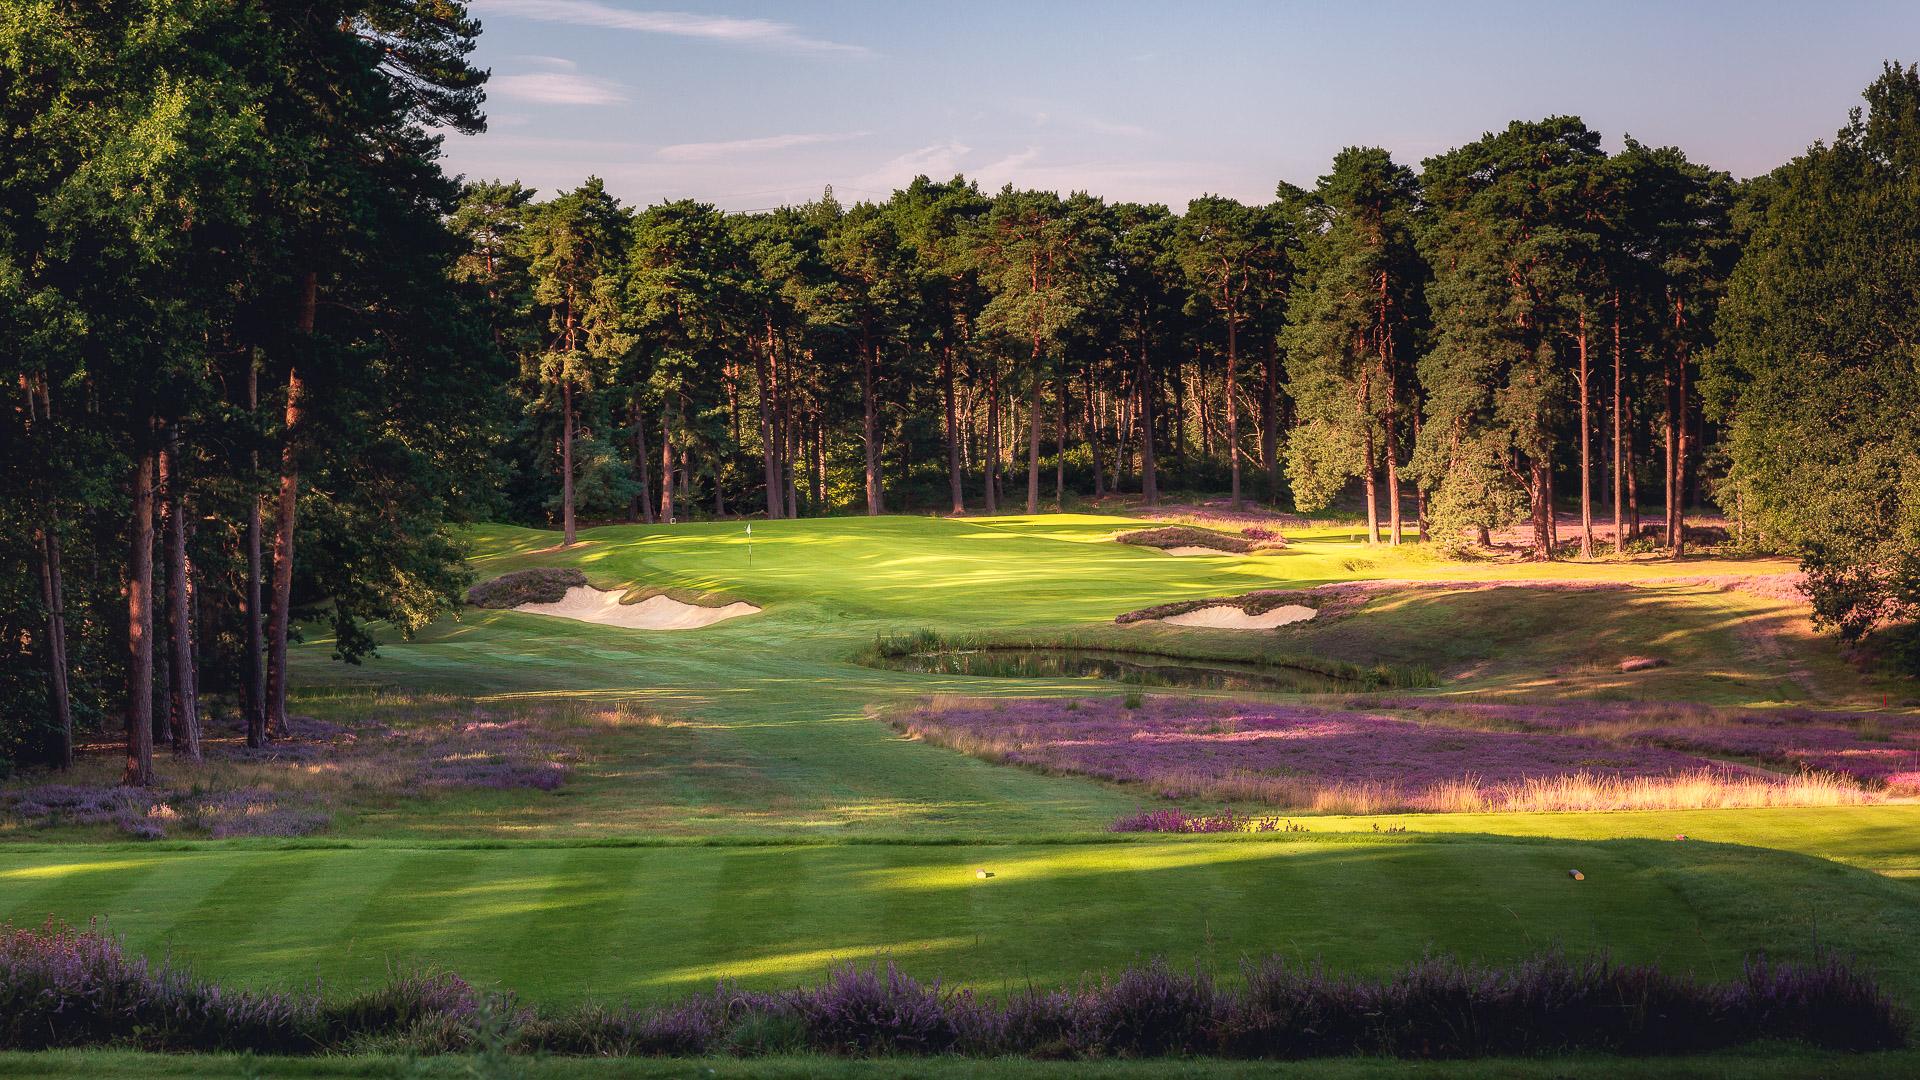 14th-Hole-St-Georges-Hill-Golf-Club-2217-Edit